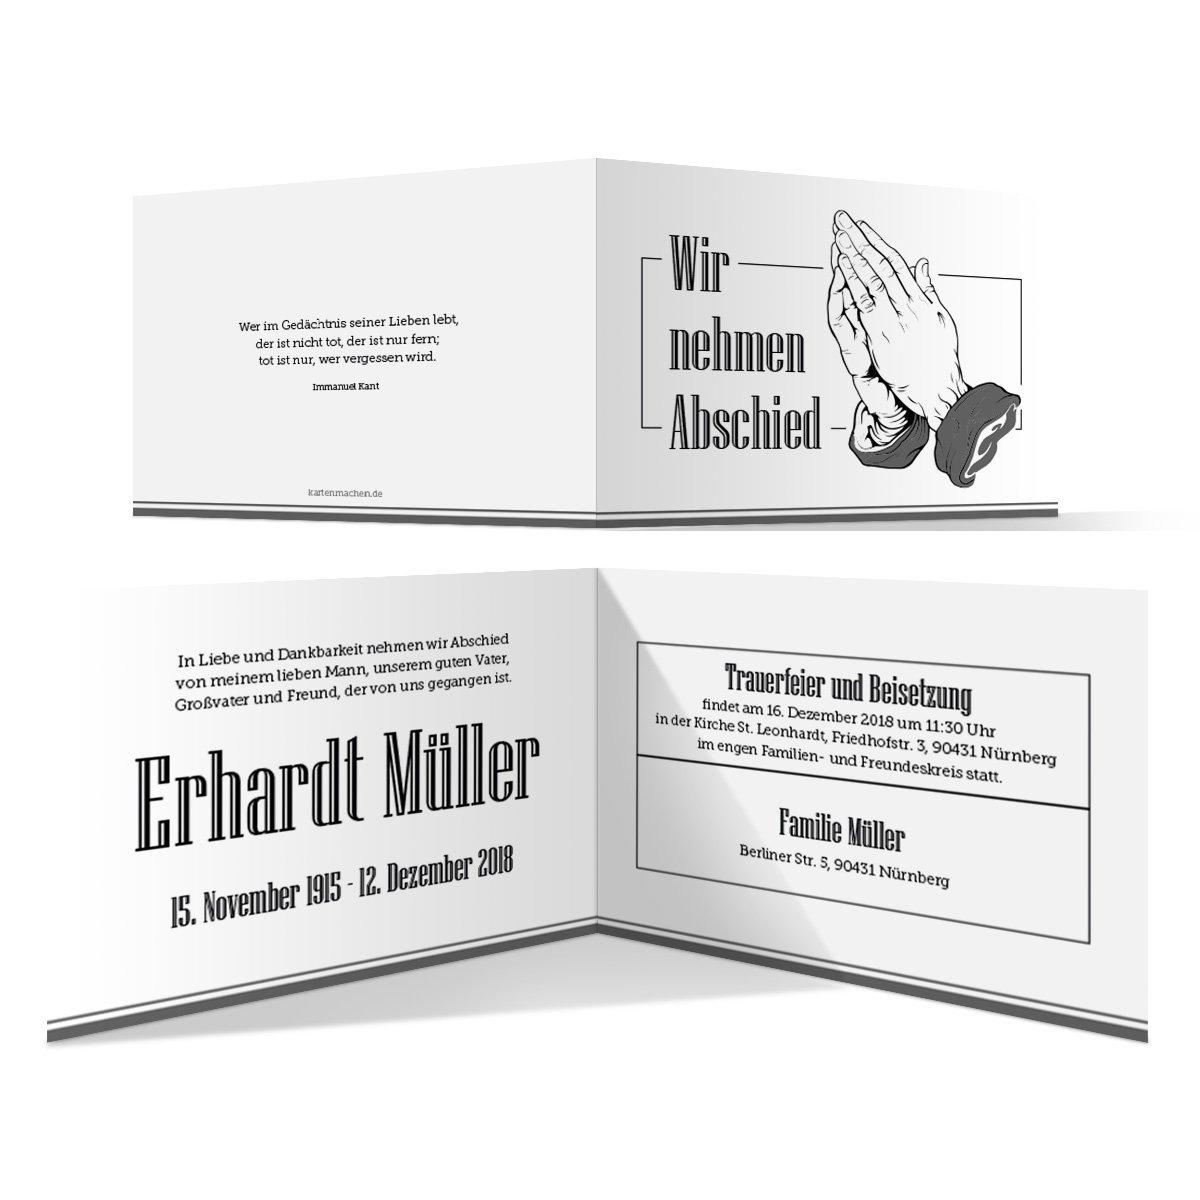 100 x Trauerkarte individuell Trauer Todesfall Beerdigung Bestattung - Betende Hände B07BH4QBLW | Verschiedene  | Auktion  | Hohe Qualität und geringer Aufwand